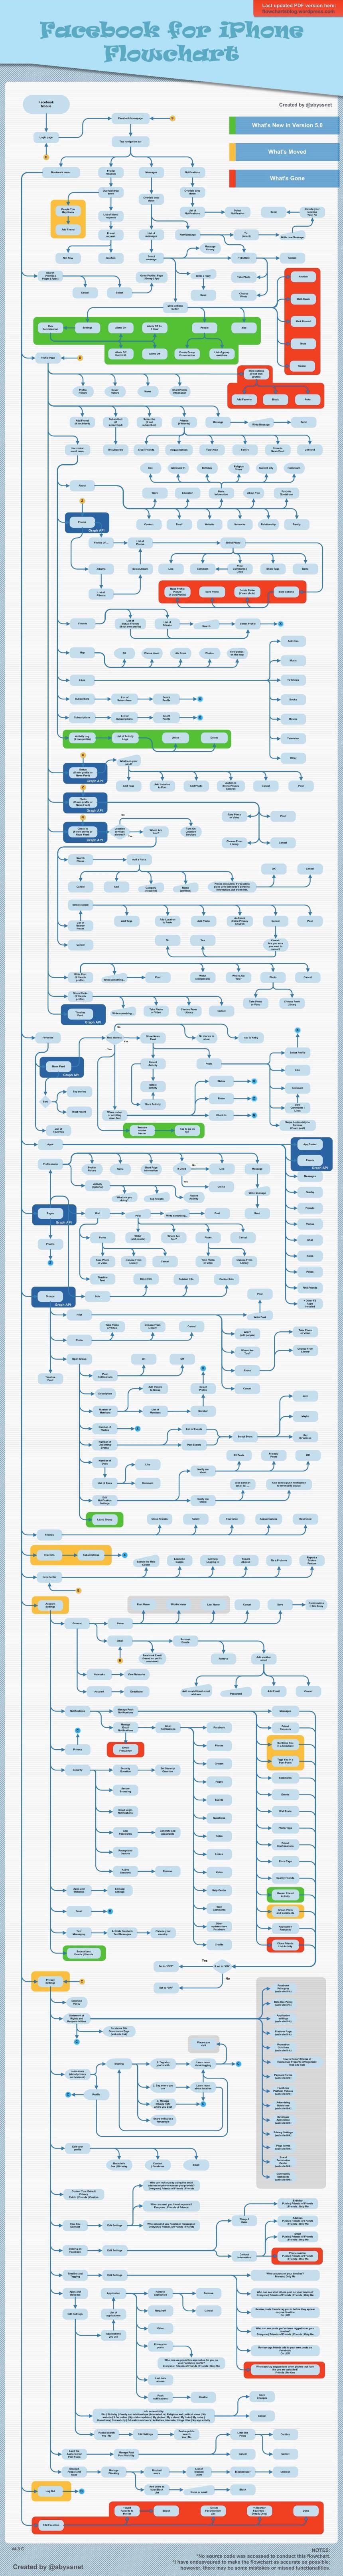 FaceBook para iPhone: diagrama de flujo